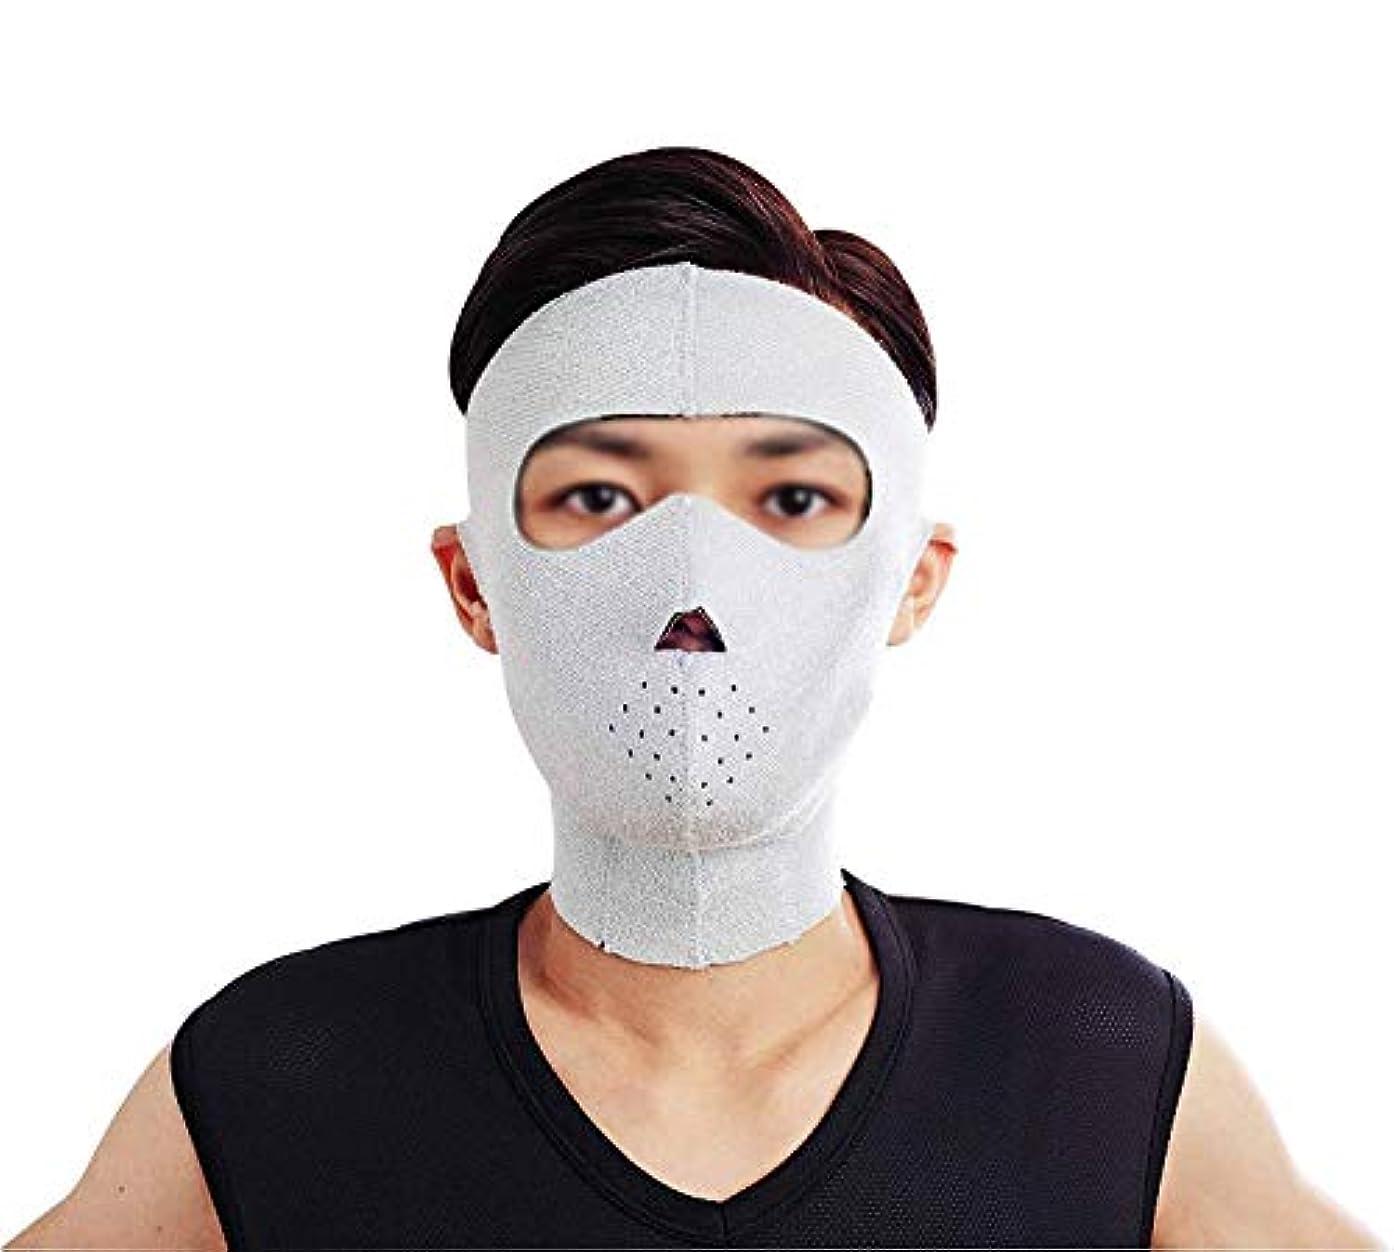 テメリティ栄光相互フェイスリフトマスク、フェイシャルマスクプラス薄いフェイスマスクタイトなたるみの薄いフェイスマスクフェイシャル薄いフェイスマスクアーティファクトビューティー男性ネックストラップ付き